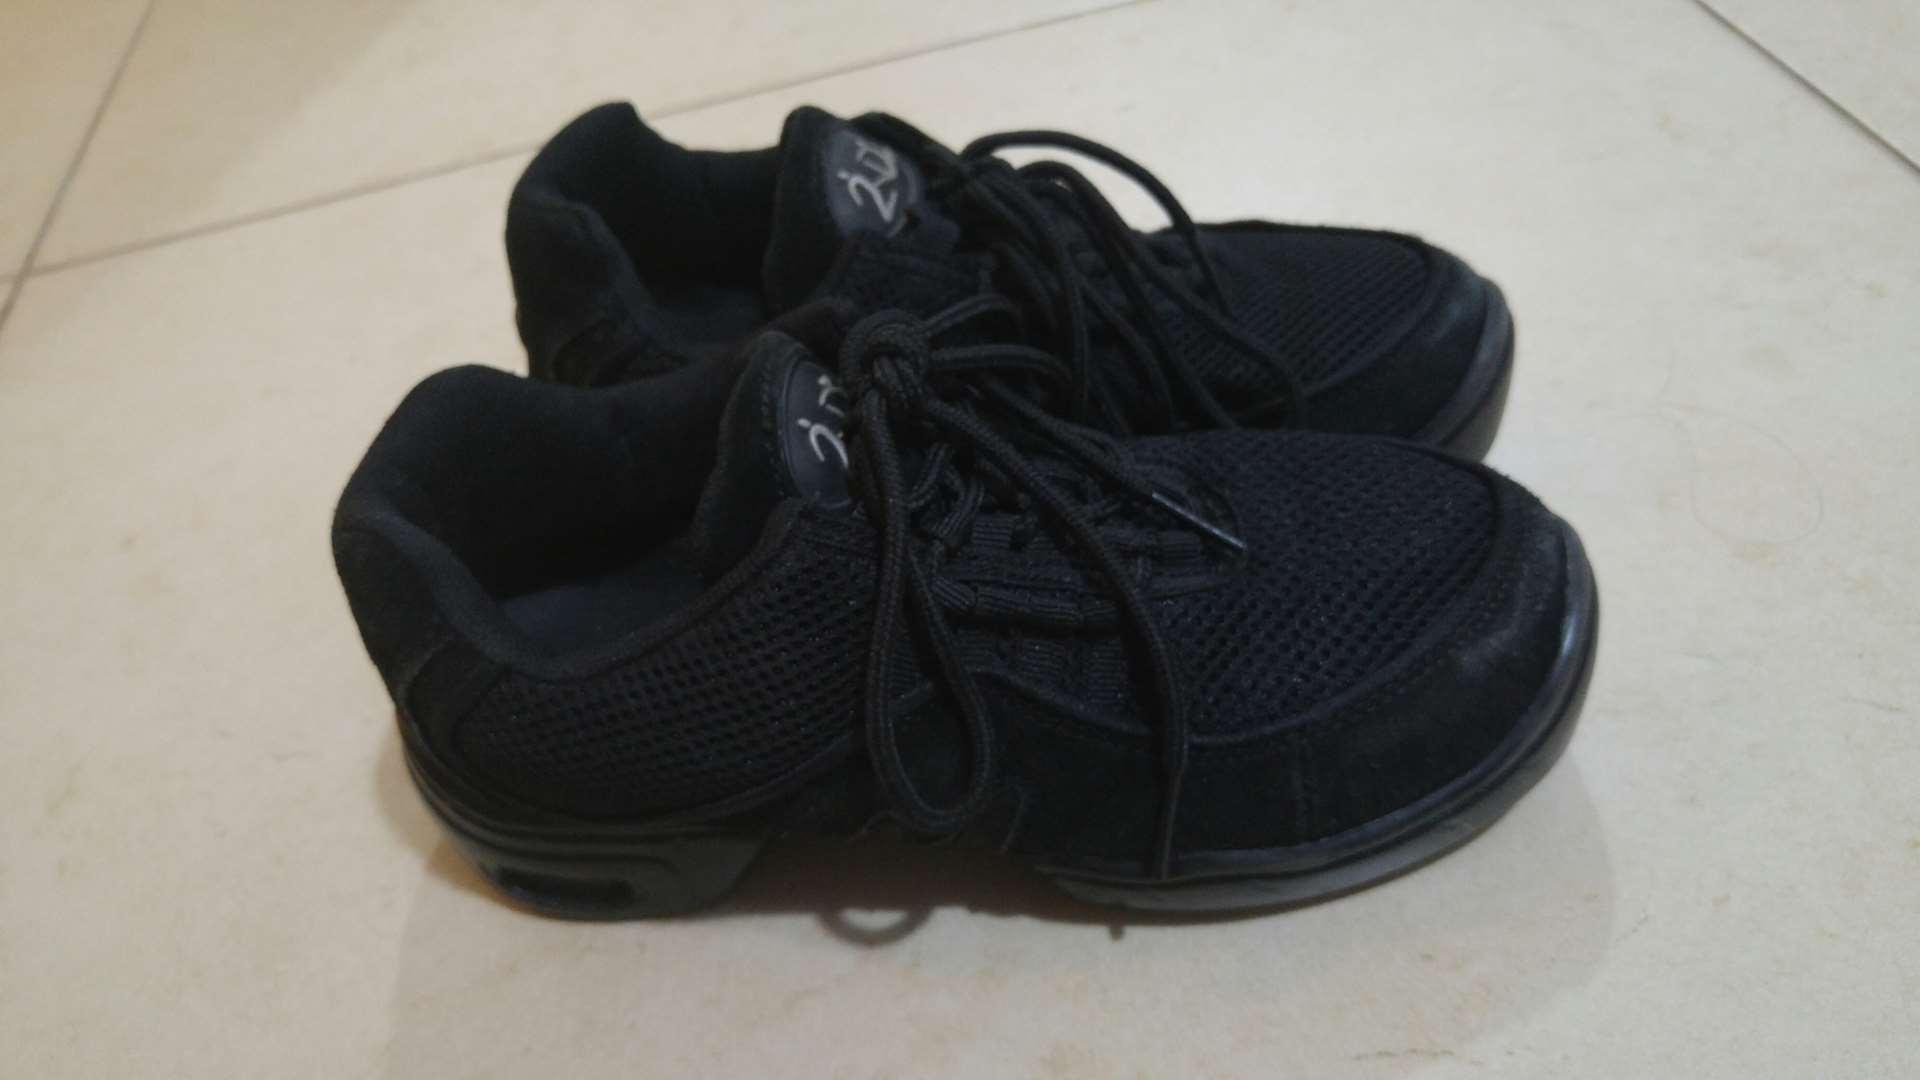 ציוד ספורט - ביגוד ונעליים מקצועיות